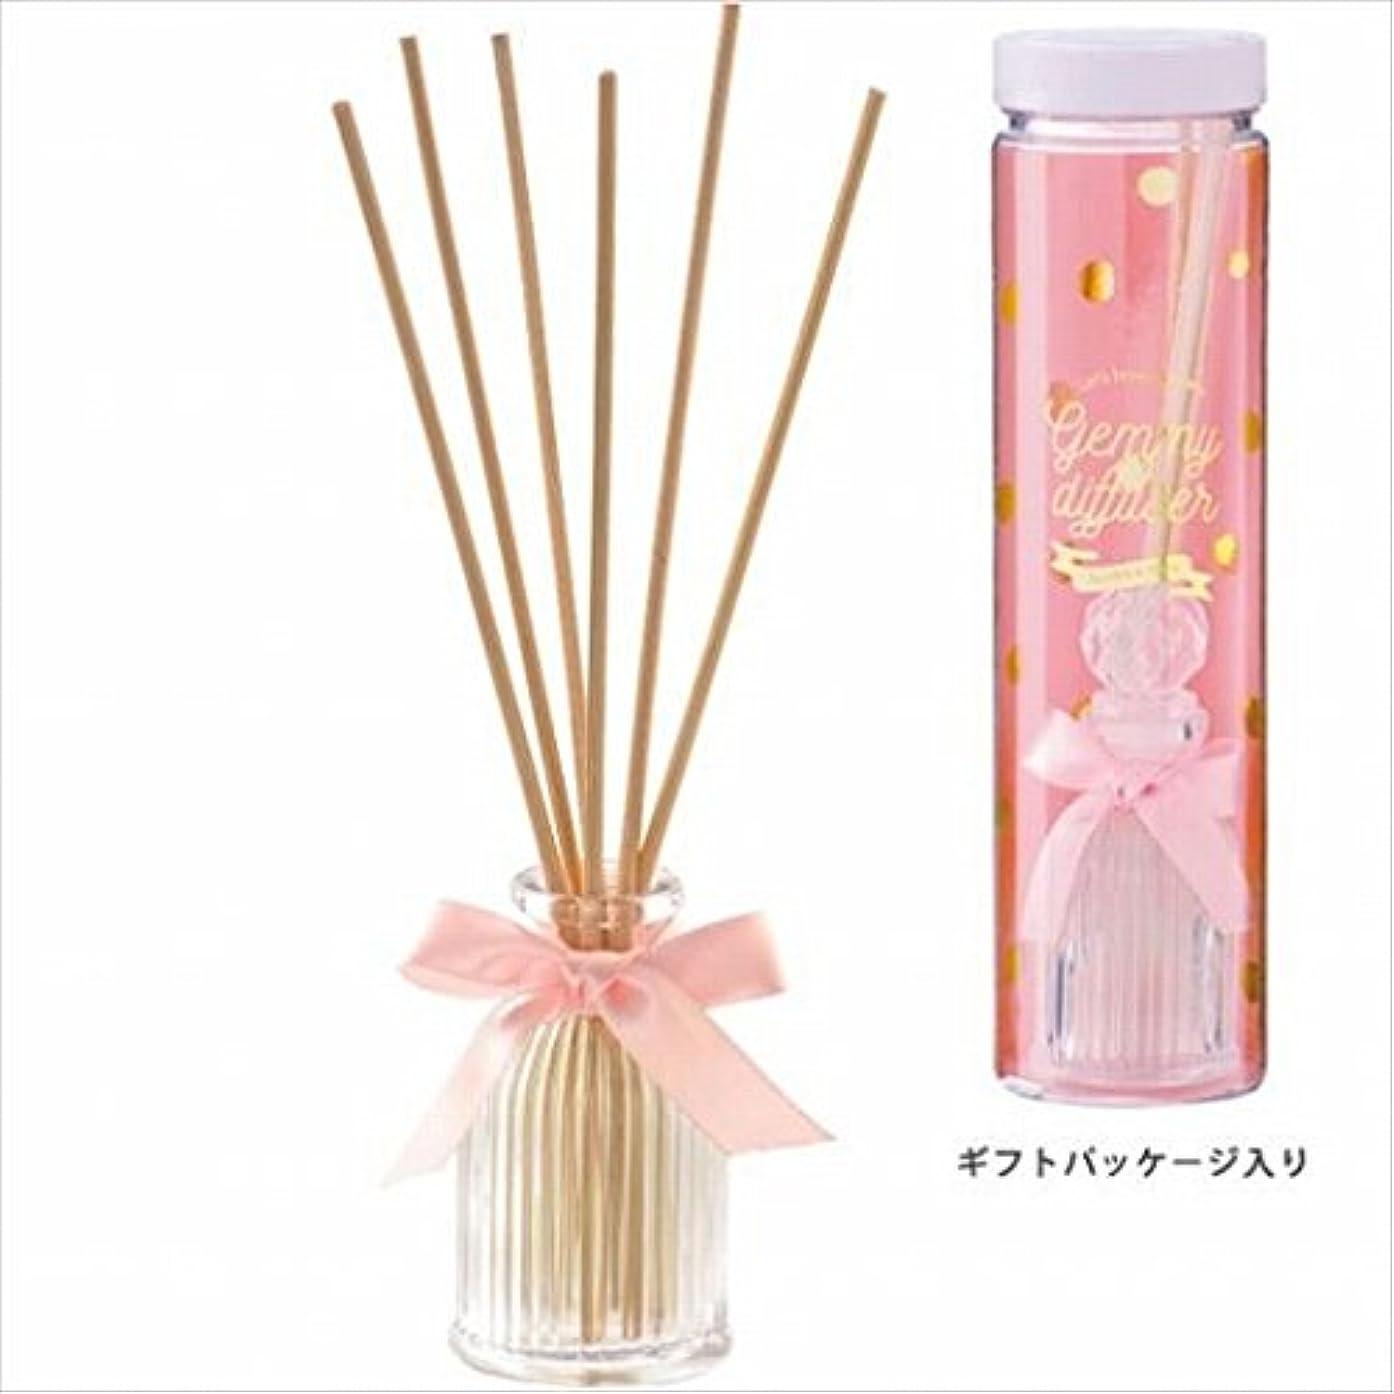 ラダカメラ海里カメヤマキャンドル( kameyama candle ) GEMMY (ジェミー) ディフューザー 「 ピオニー 」